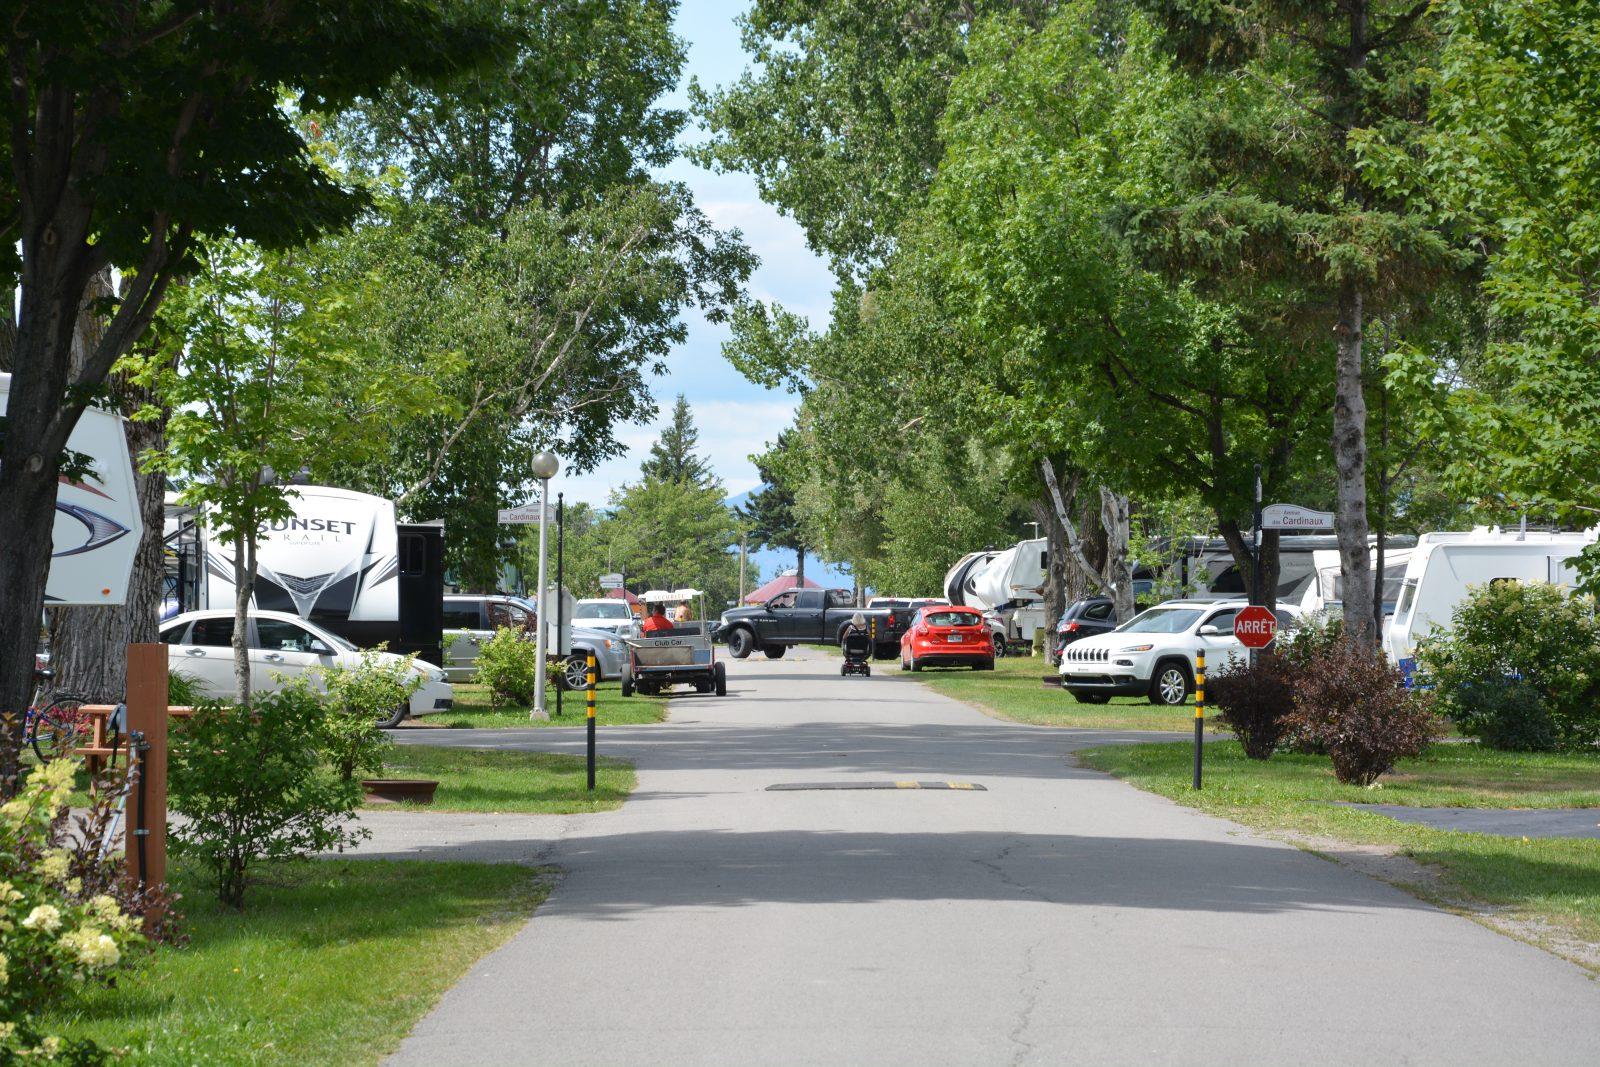 Fausse rumeur: pas de cas de Covid au Camping Pointe-aux-Oies